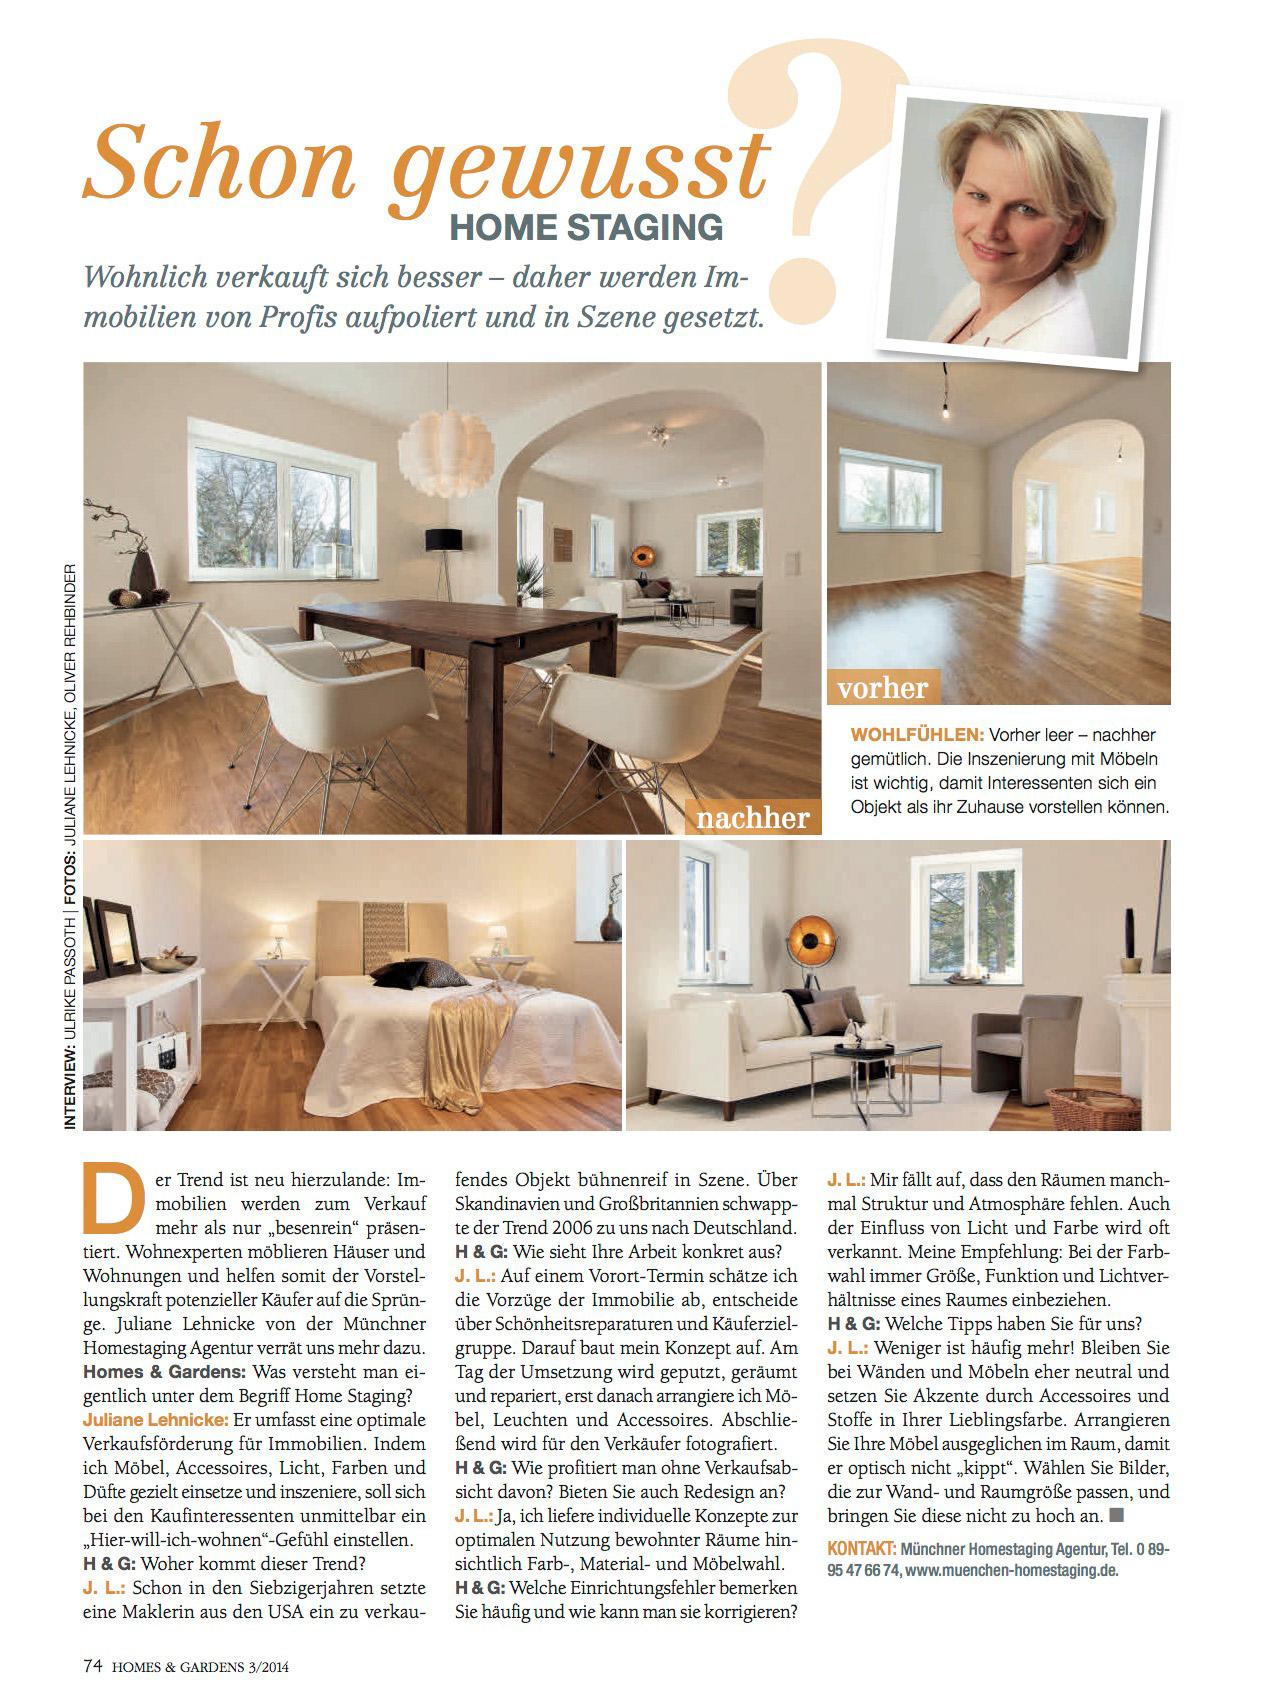 Künstlerisch Homestaging München Foto Von Ein Interview Mit Juliane Lehnicke Von Der